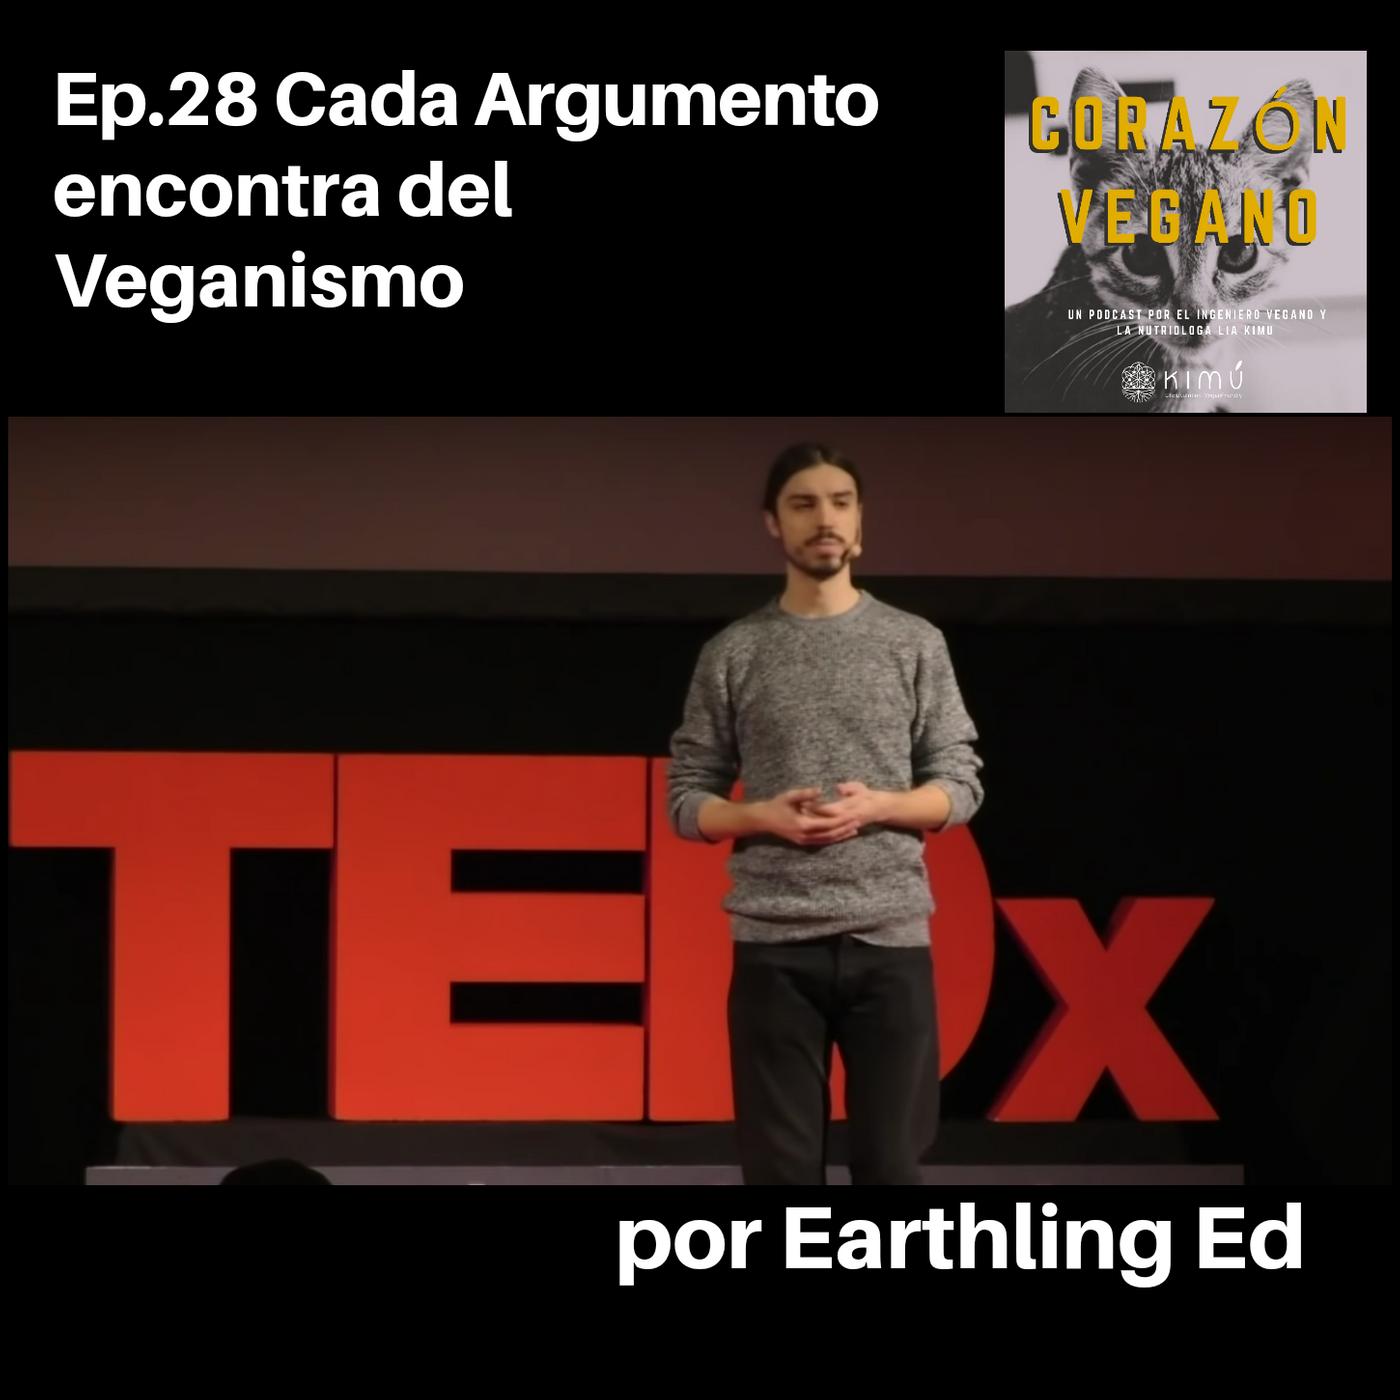 Ep.28 Todos los Argumentos encontra del veganismo por Earthling Ed